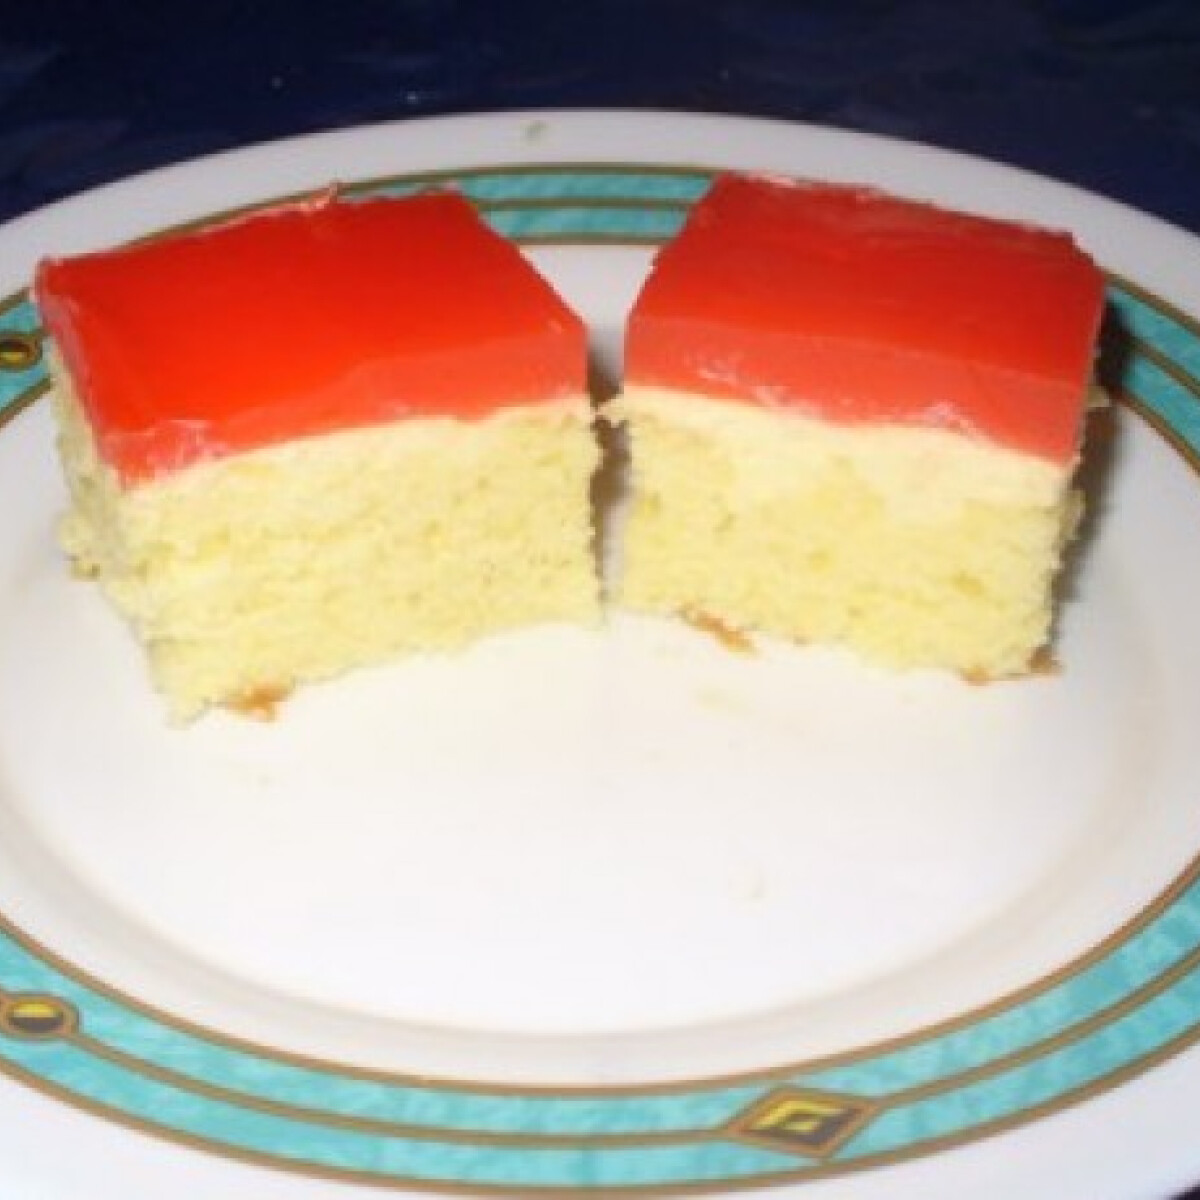 Ezen a képen: Boleró tészta - Husitól